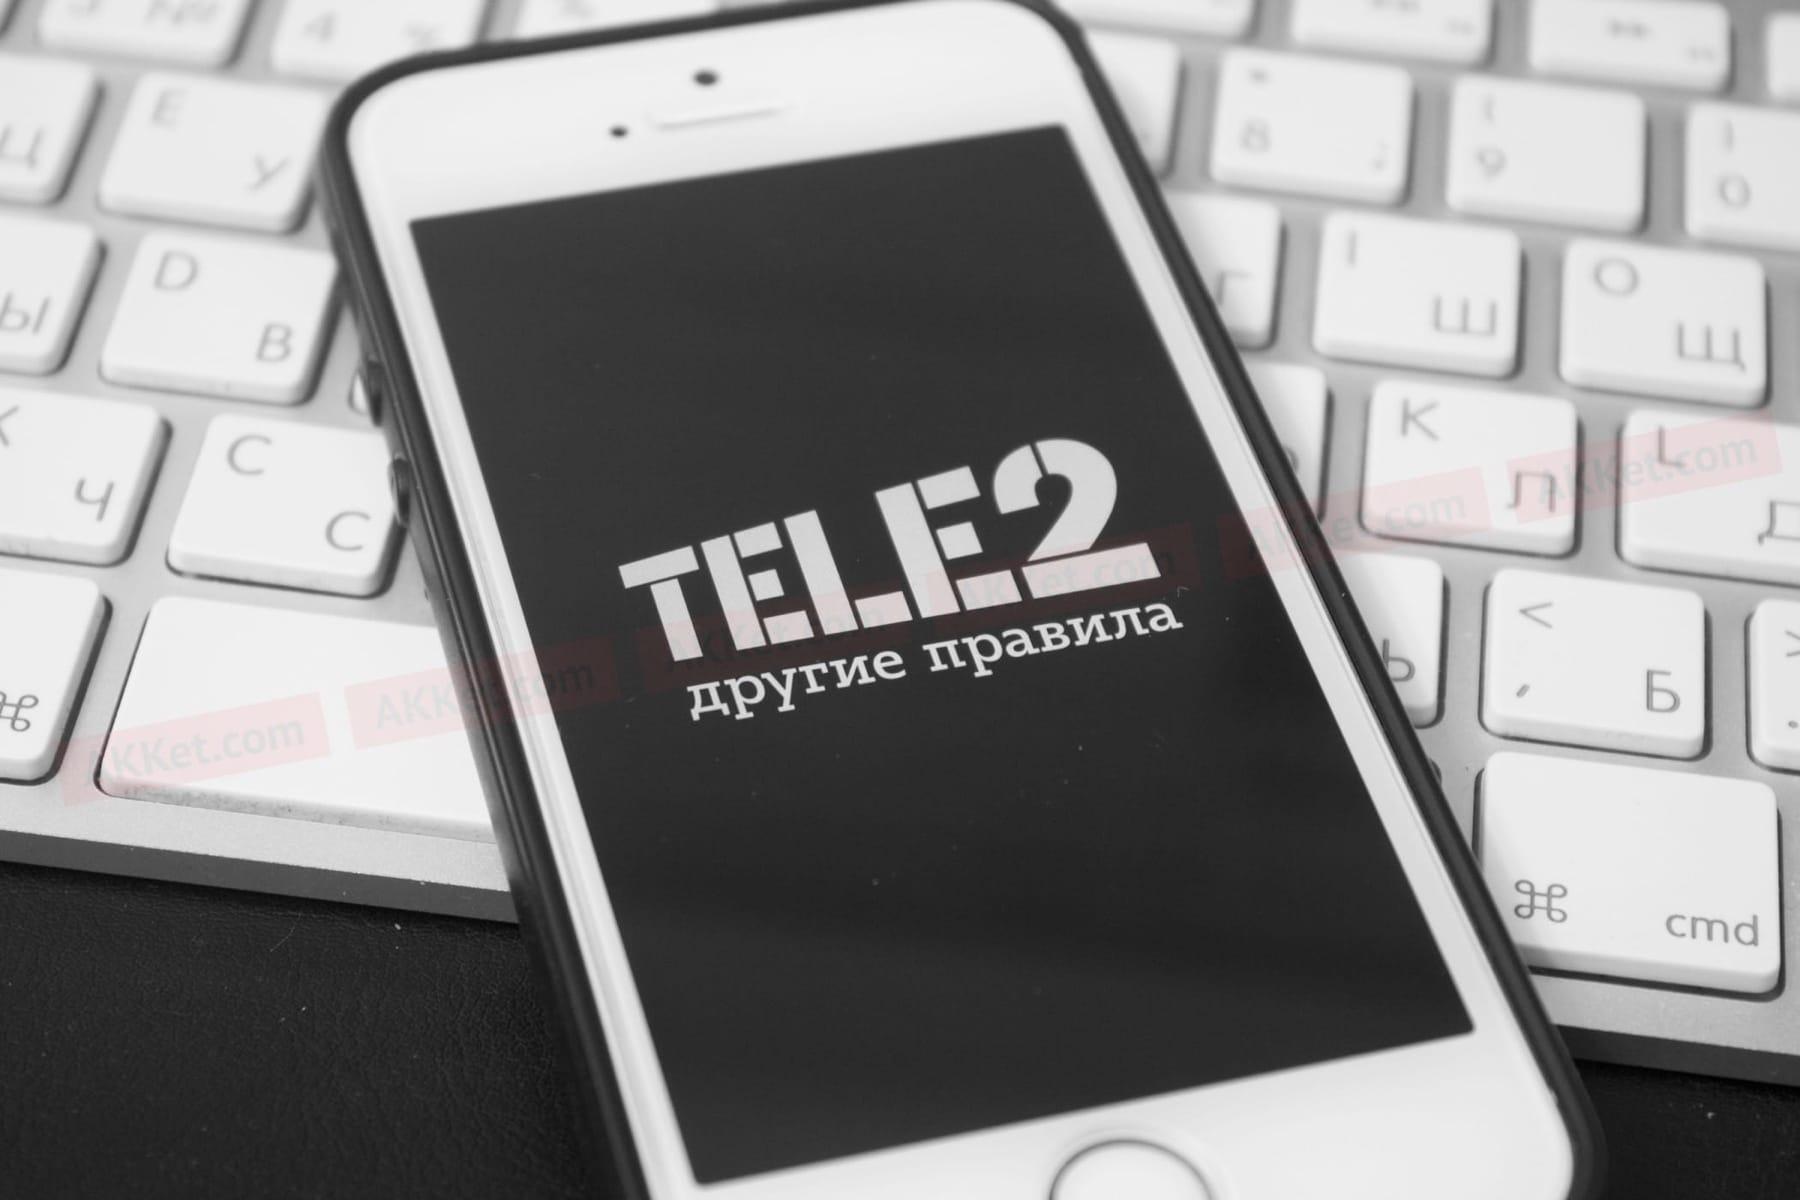 Сотовый оператор Tele2 запустил недорогой самый лучший тарифный план